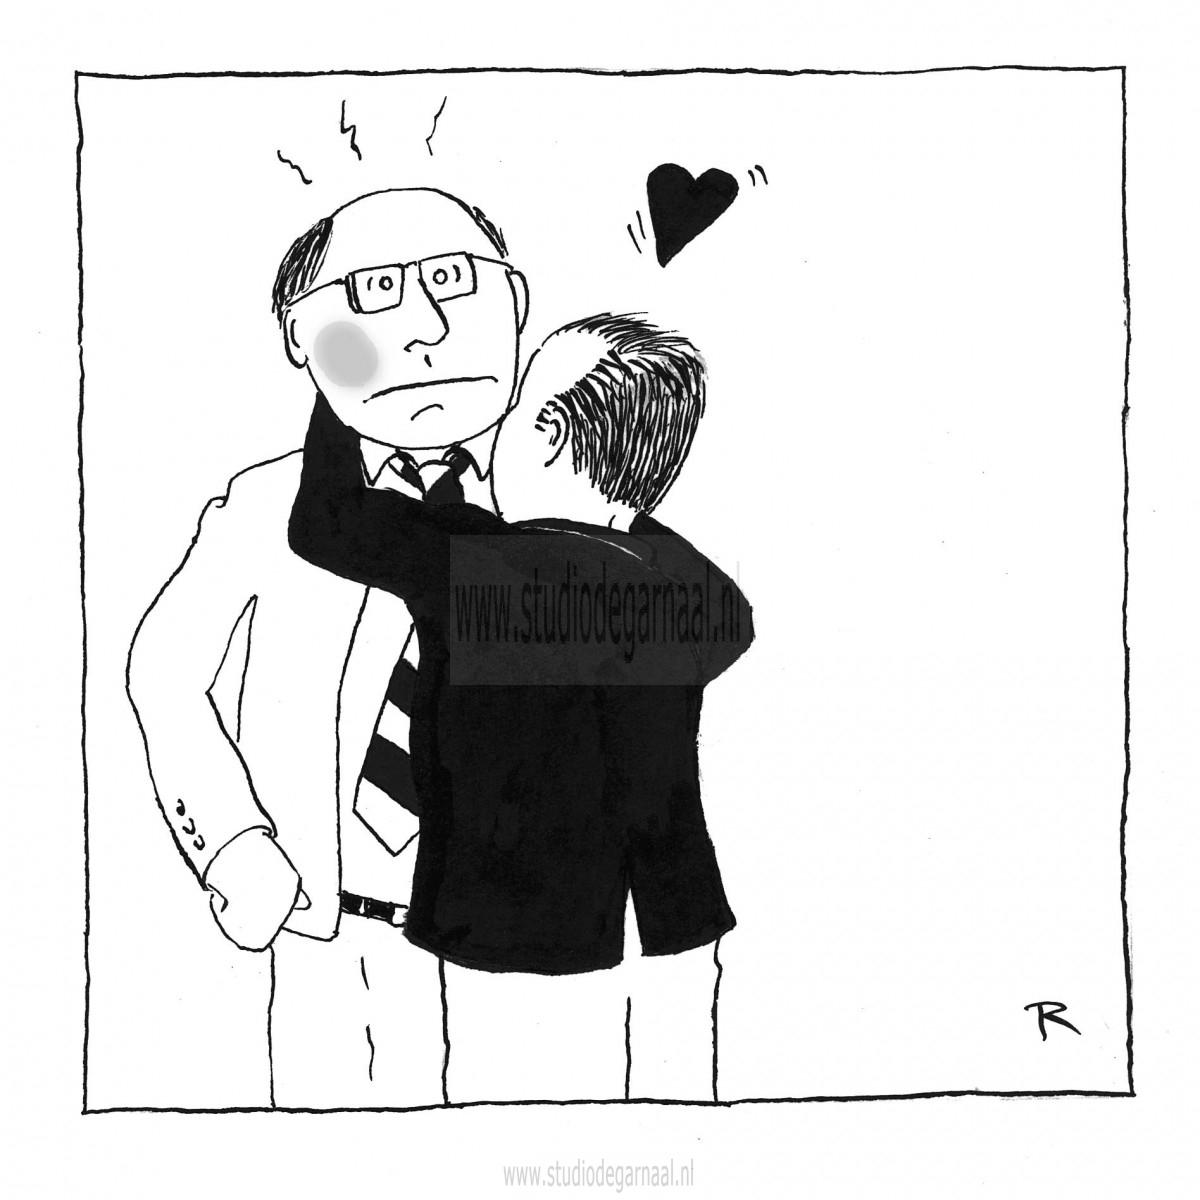 Hou van je klant Cartoon Economie Illustraties Liefde Relaties Werk